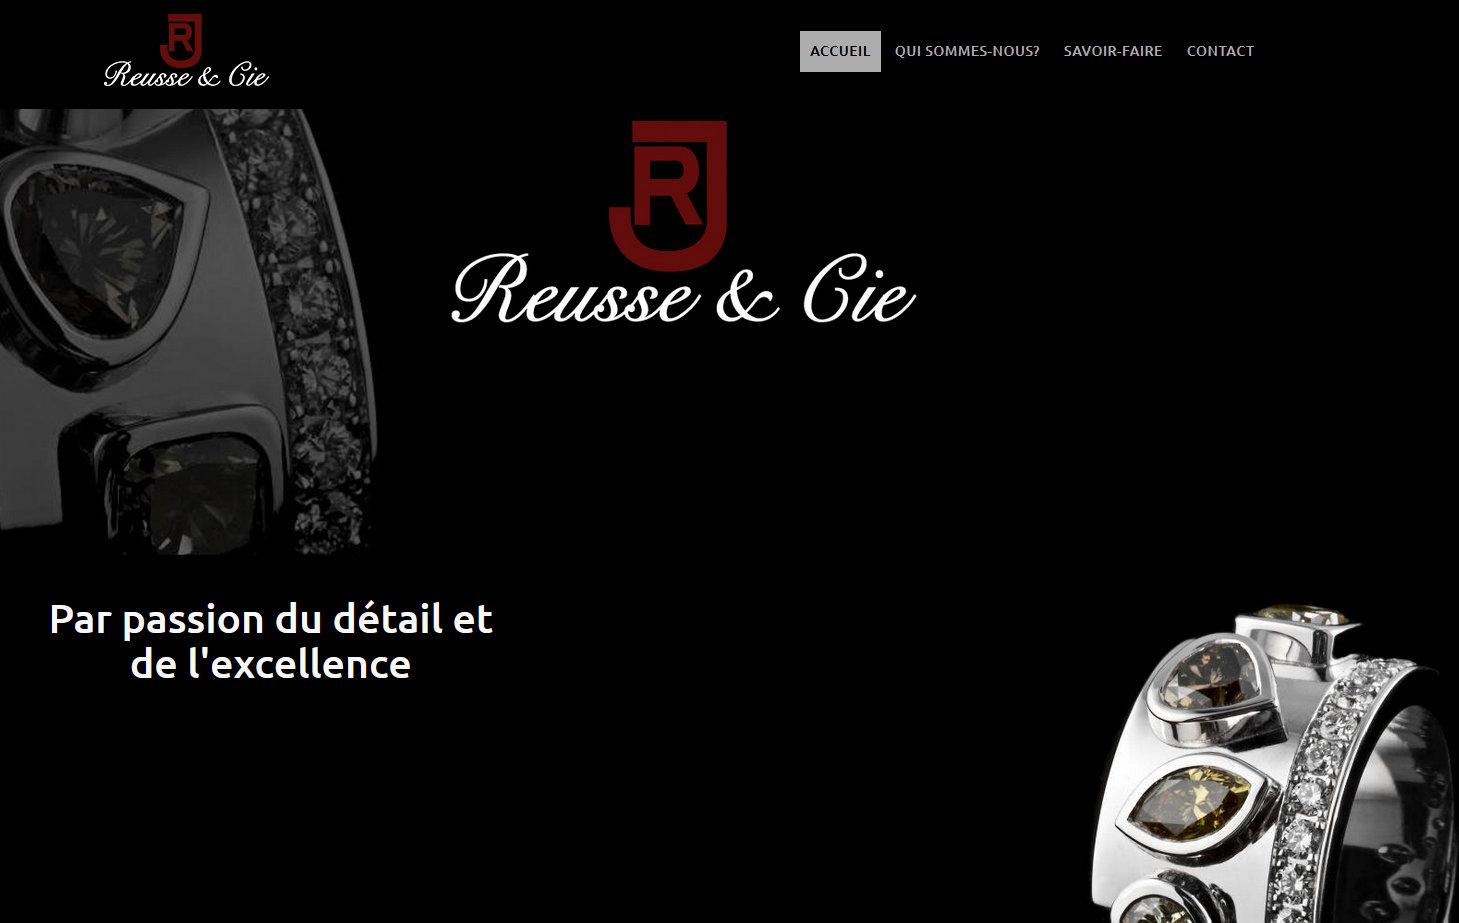 Reusse-cie.com